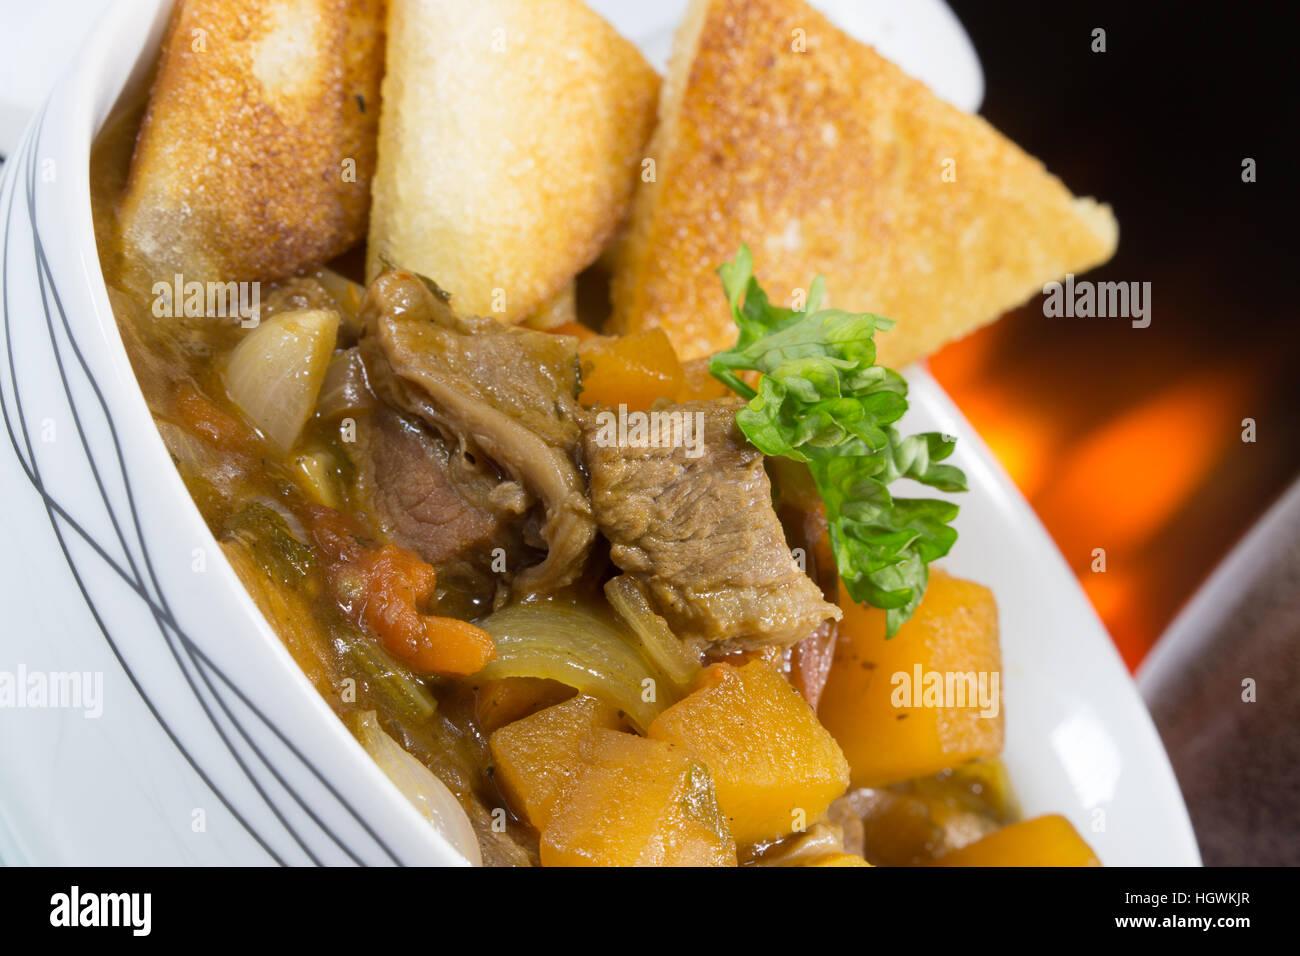 Un pub anglais/restaurant bol de goulasch de Bœuf servi avec des croûtons de pain frit. Banque D'Images